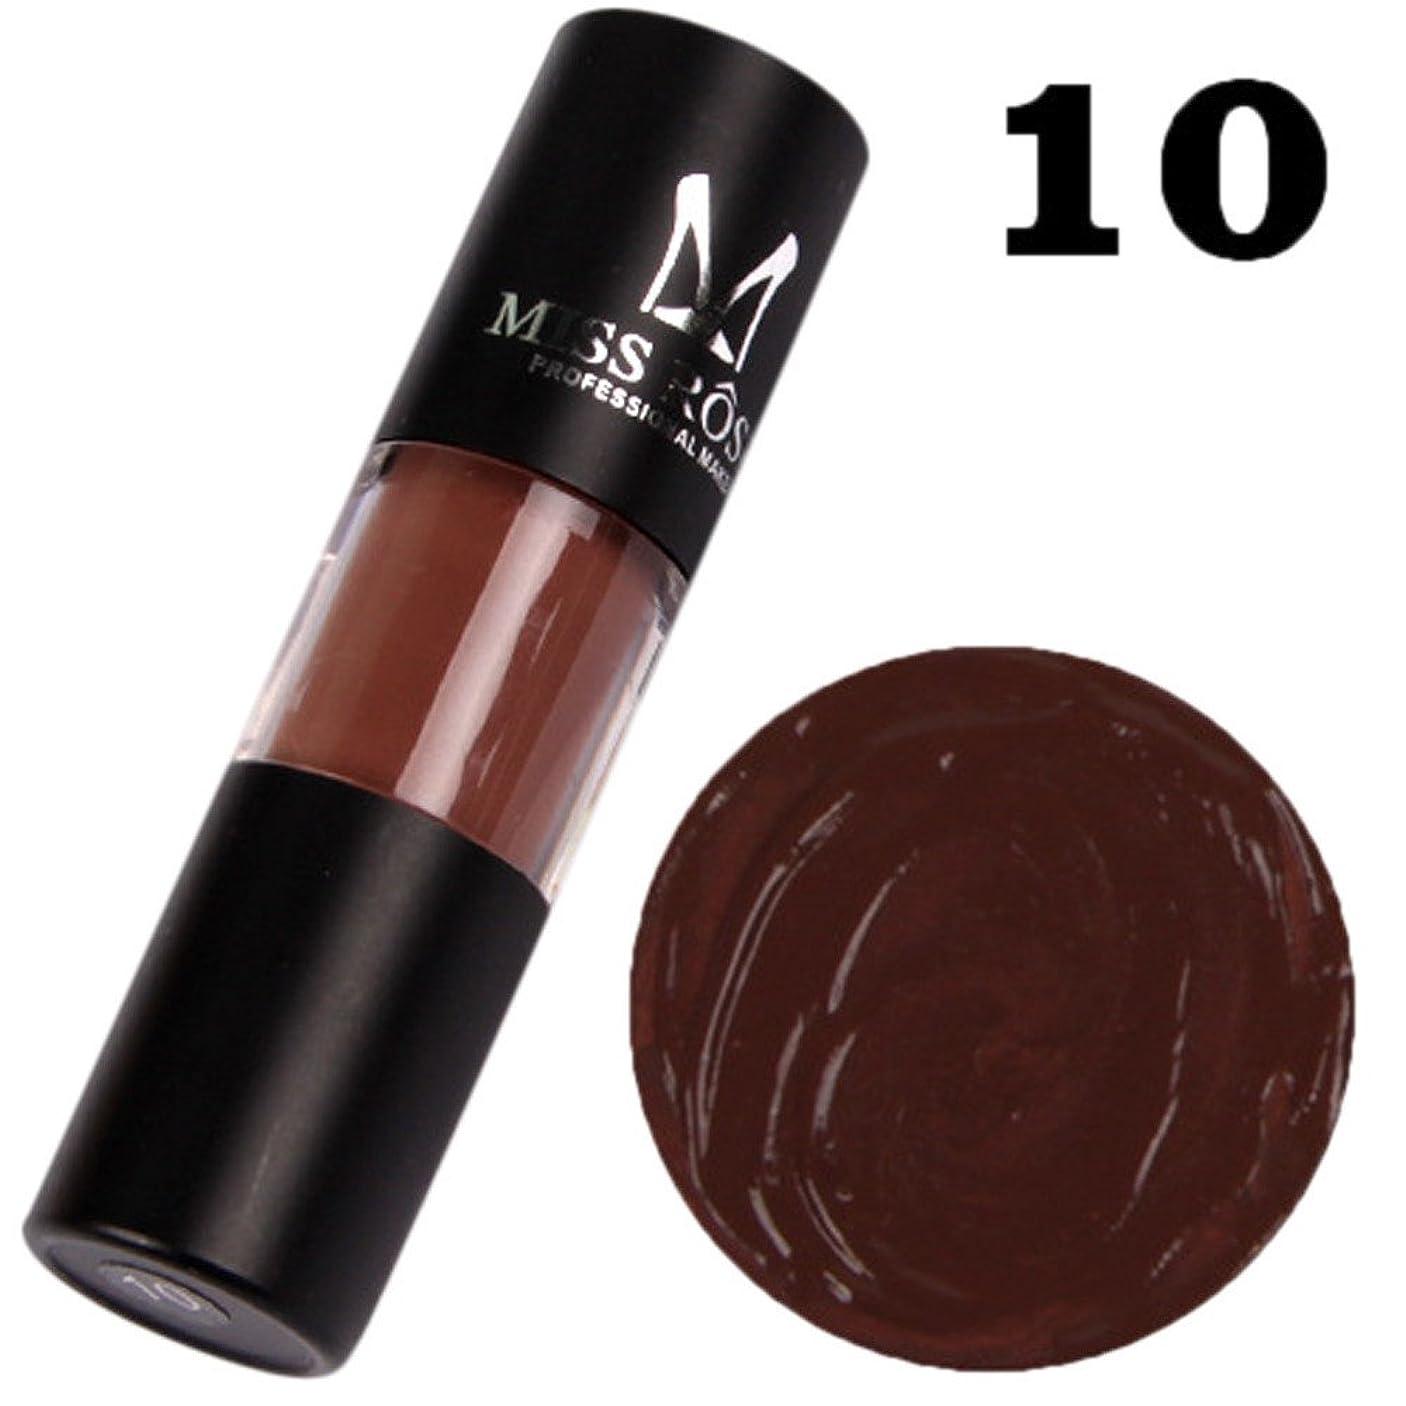 接続アイスクリーム鉛筆口紅 モイスチャライザー リキッド ベルベット リップスティック 化粧品 美容 リップクリーム 若い メイク リップバーム 液体 唇に塗っっていつもよりセクシー魅力を与えるルージュhuajuan